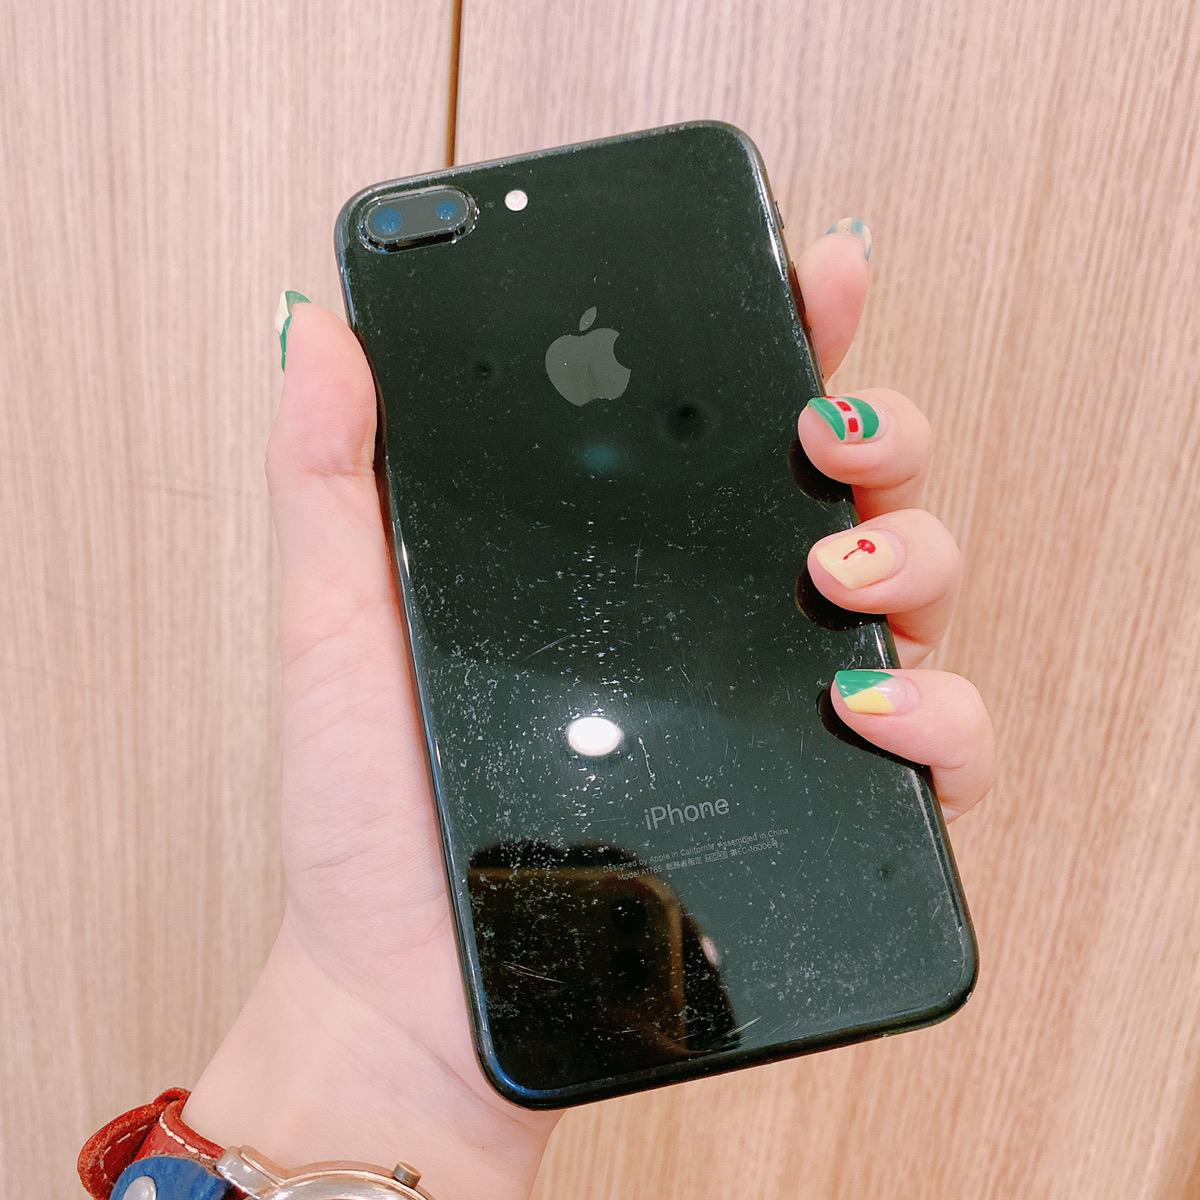 iPhone7Plus 128GB ジェットブラック au〇 中古